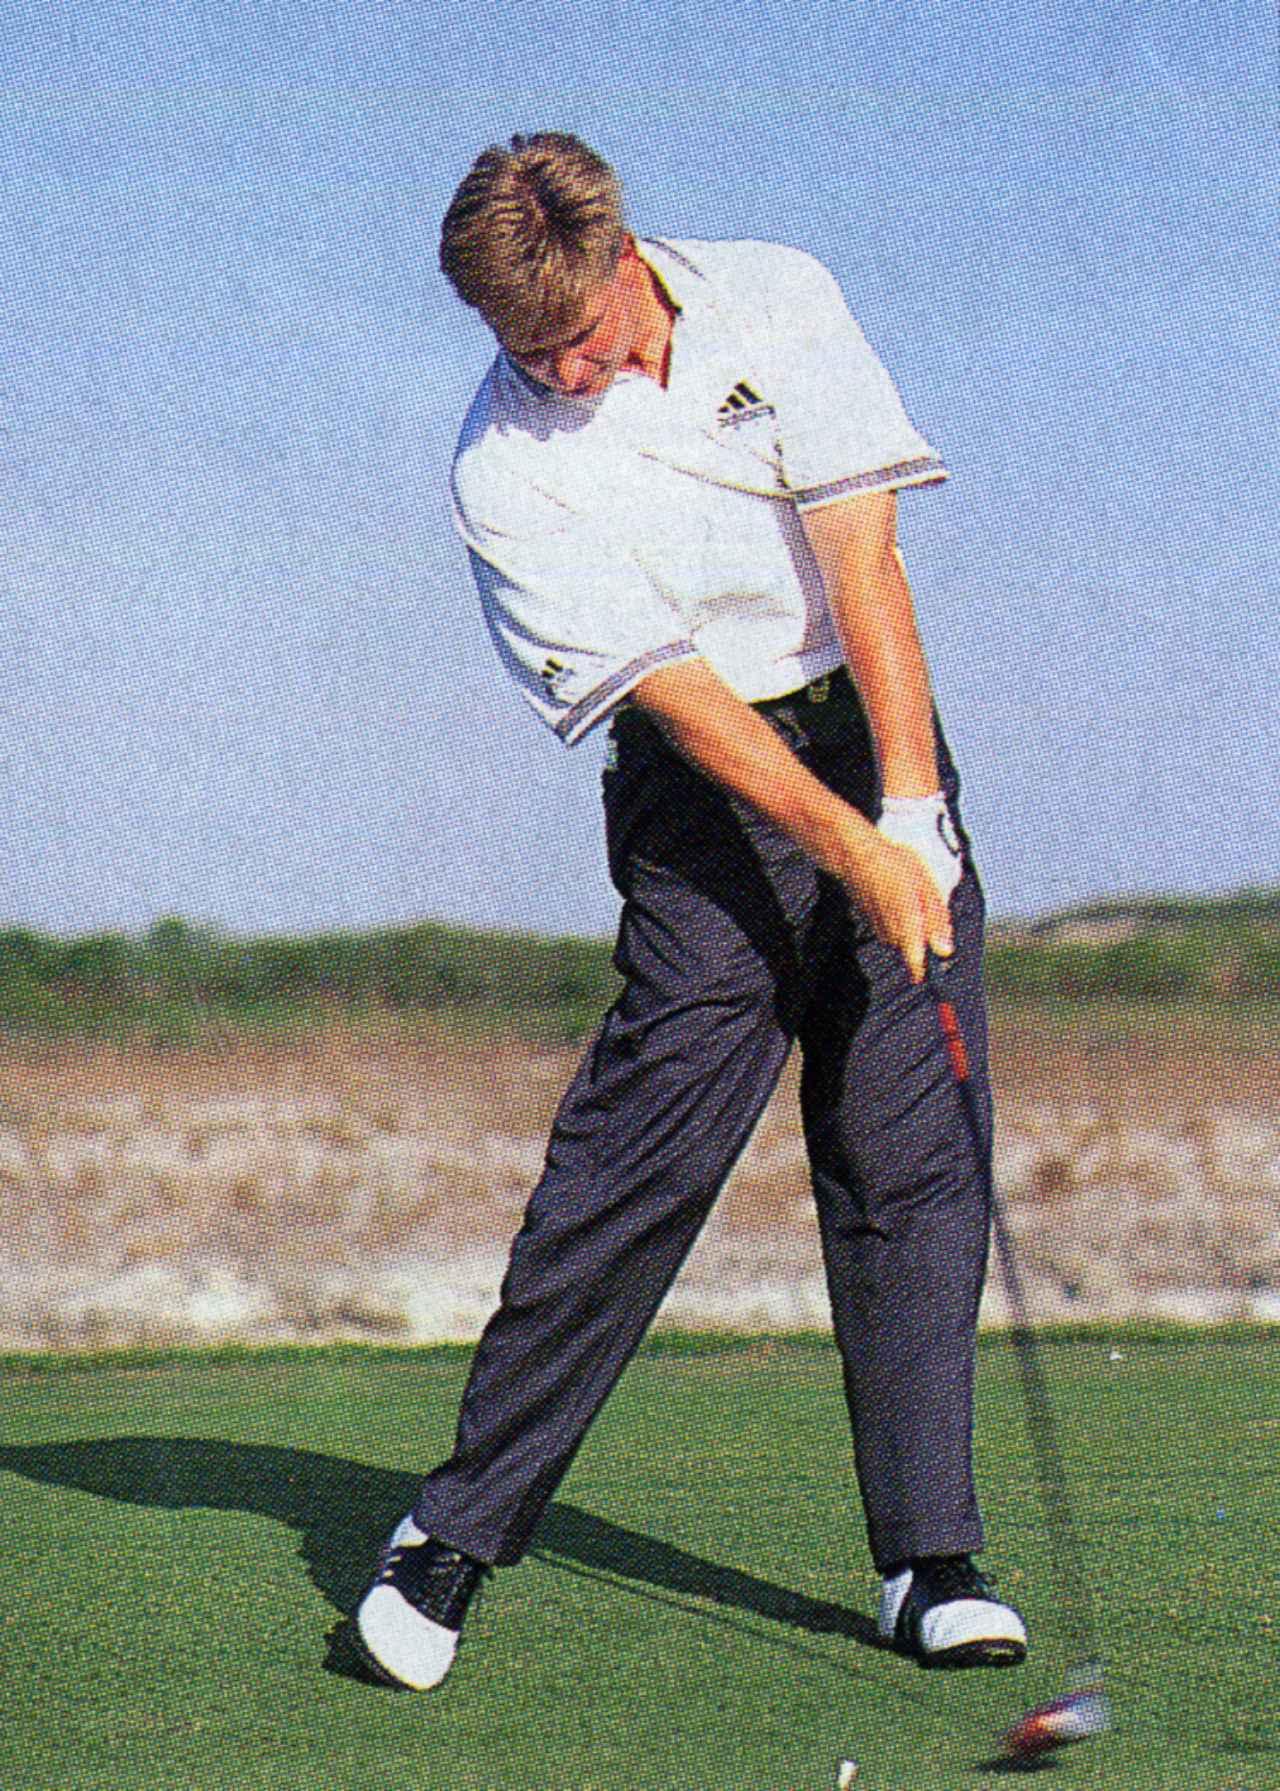 画像6: 【南アのゴルフ遺伝子Vol.4】アーニー・エルスが目指したもの